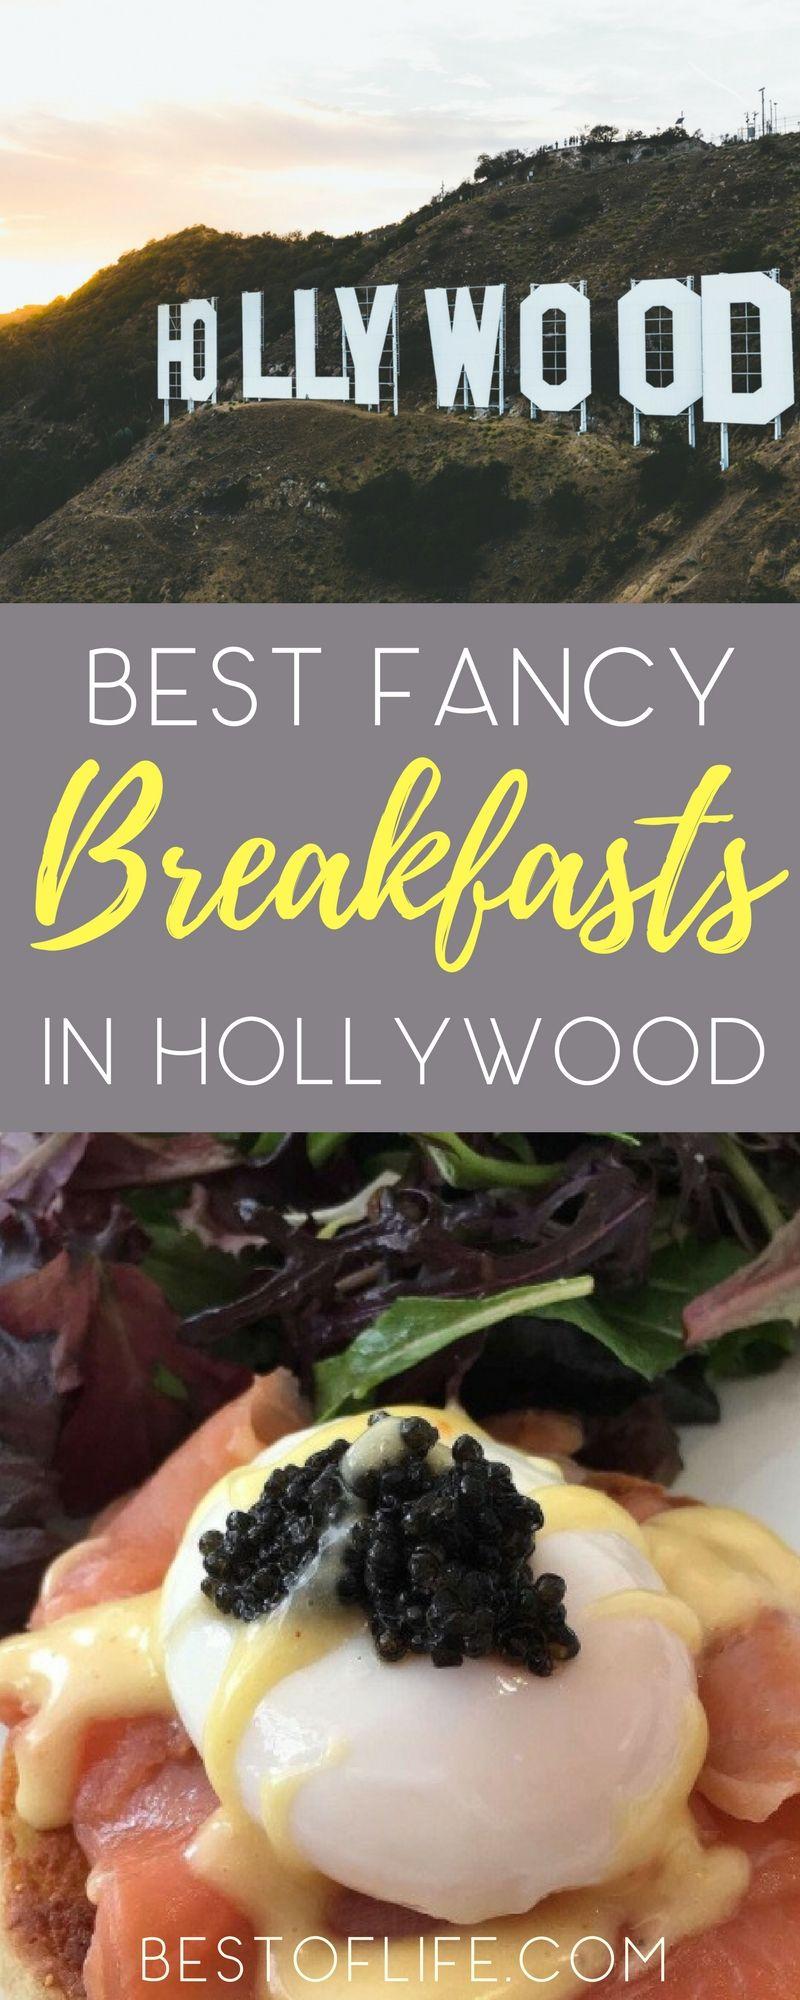 Best Fancy Breakfast Restaurants In Hollywood